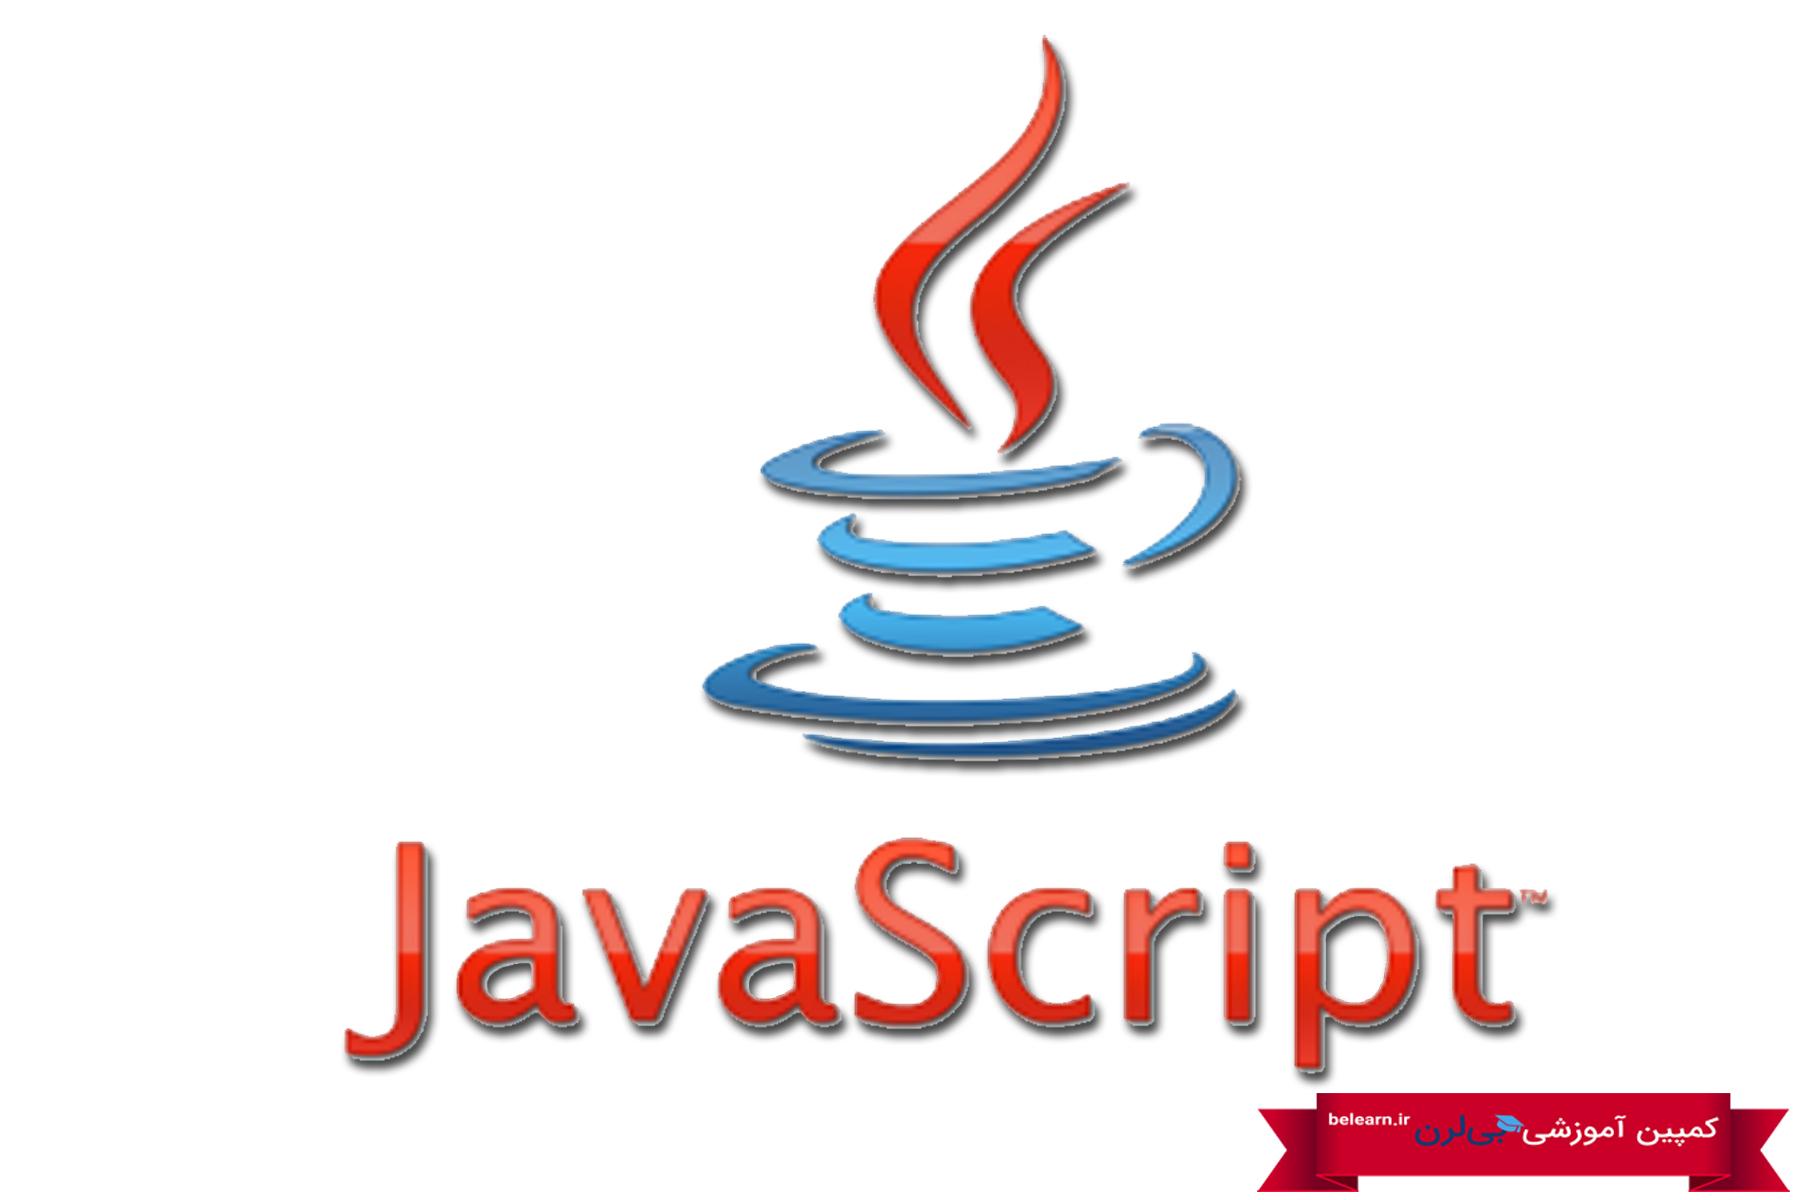 زبان جاوااسکریپت - زبان برنامه نویسی برای هکر شدن - کمپین آموزشی بی لرن